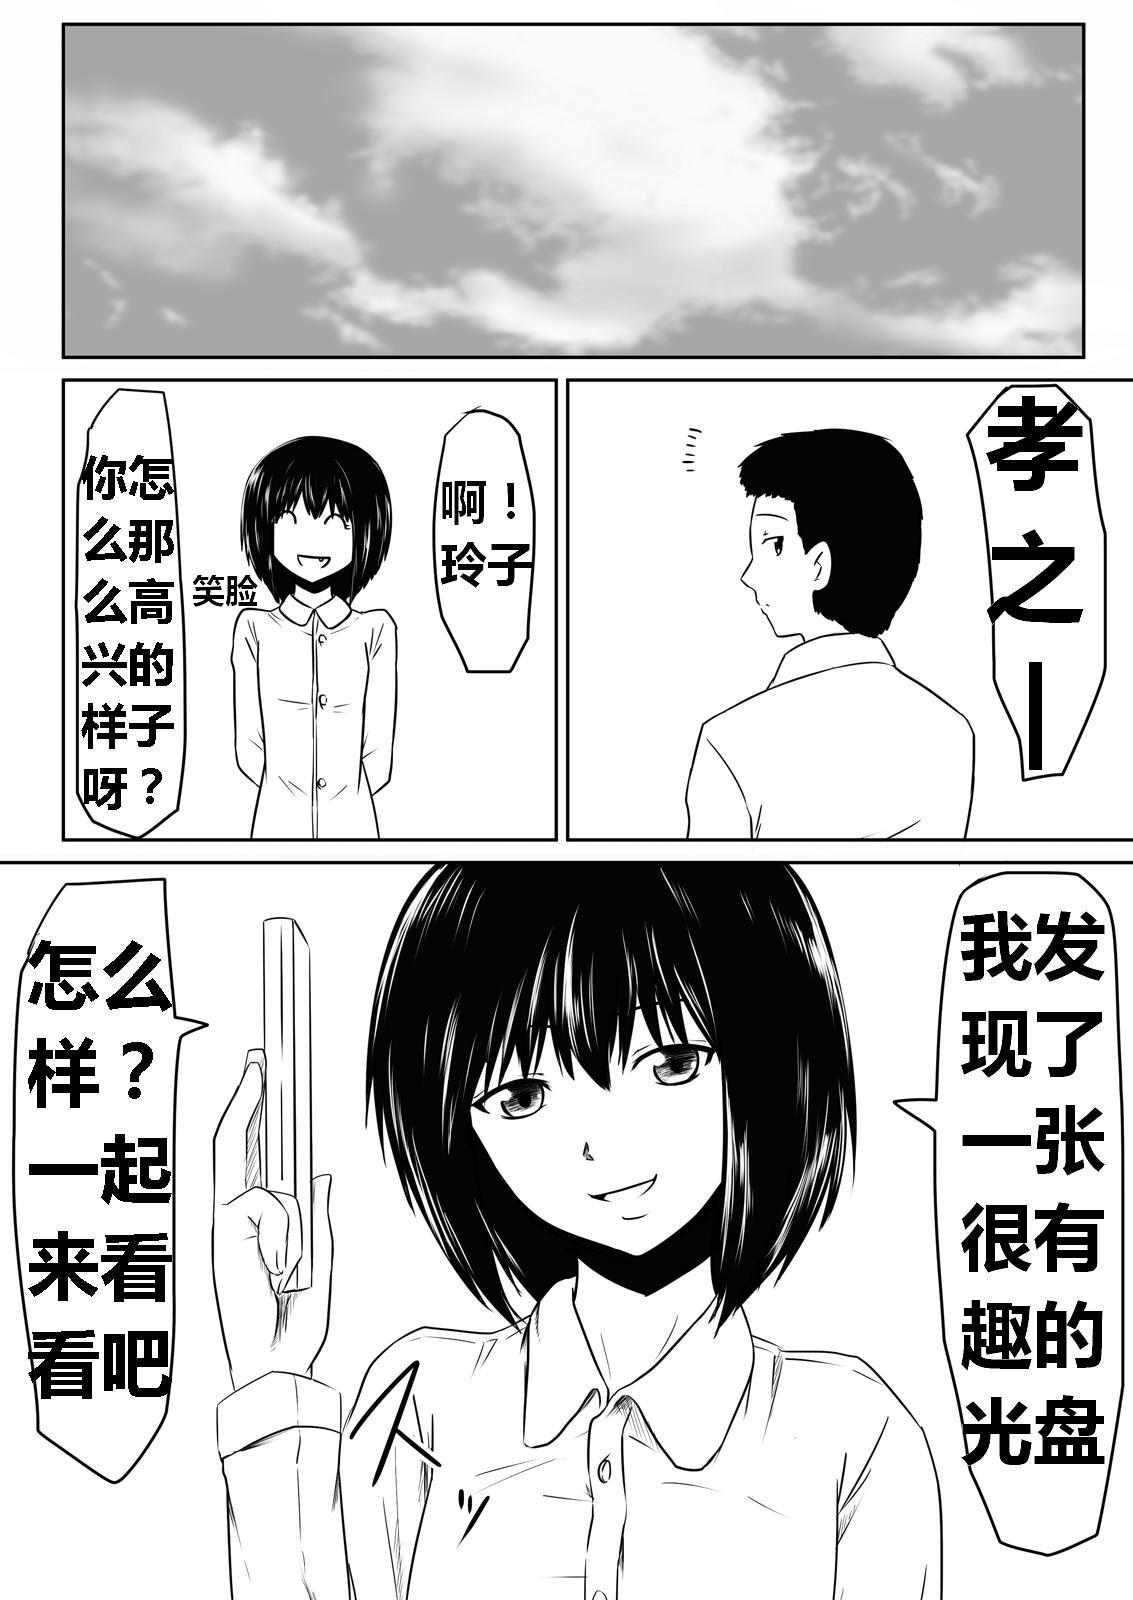 Ore no Kanojo ga Fuuzokujou ni Natta Riyuu | 女朋友下海拍片了 61